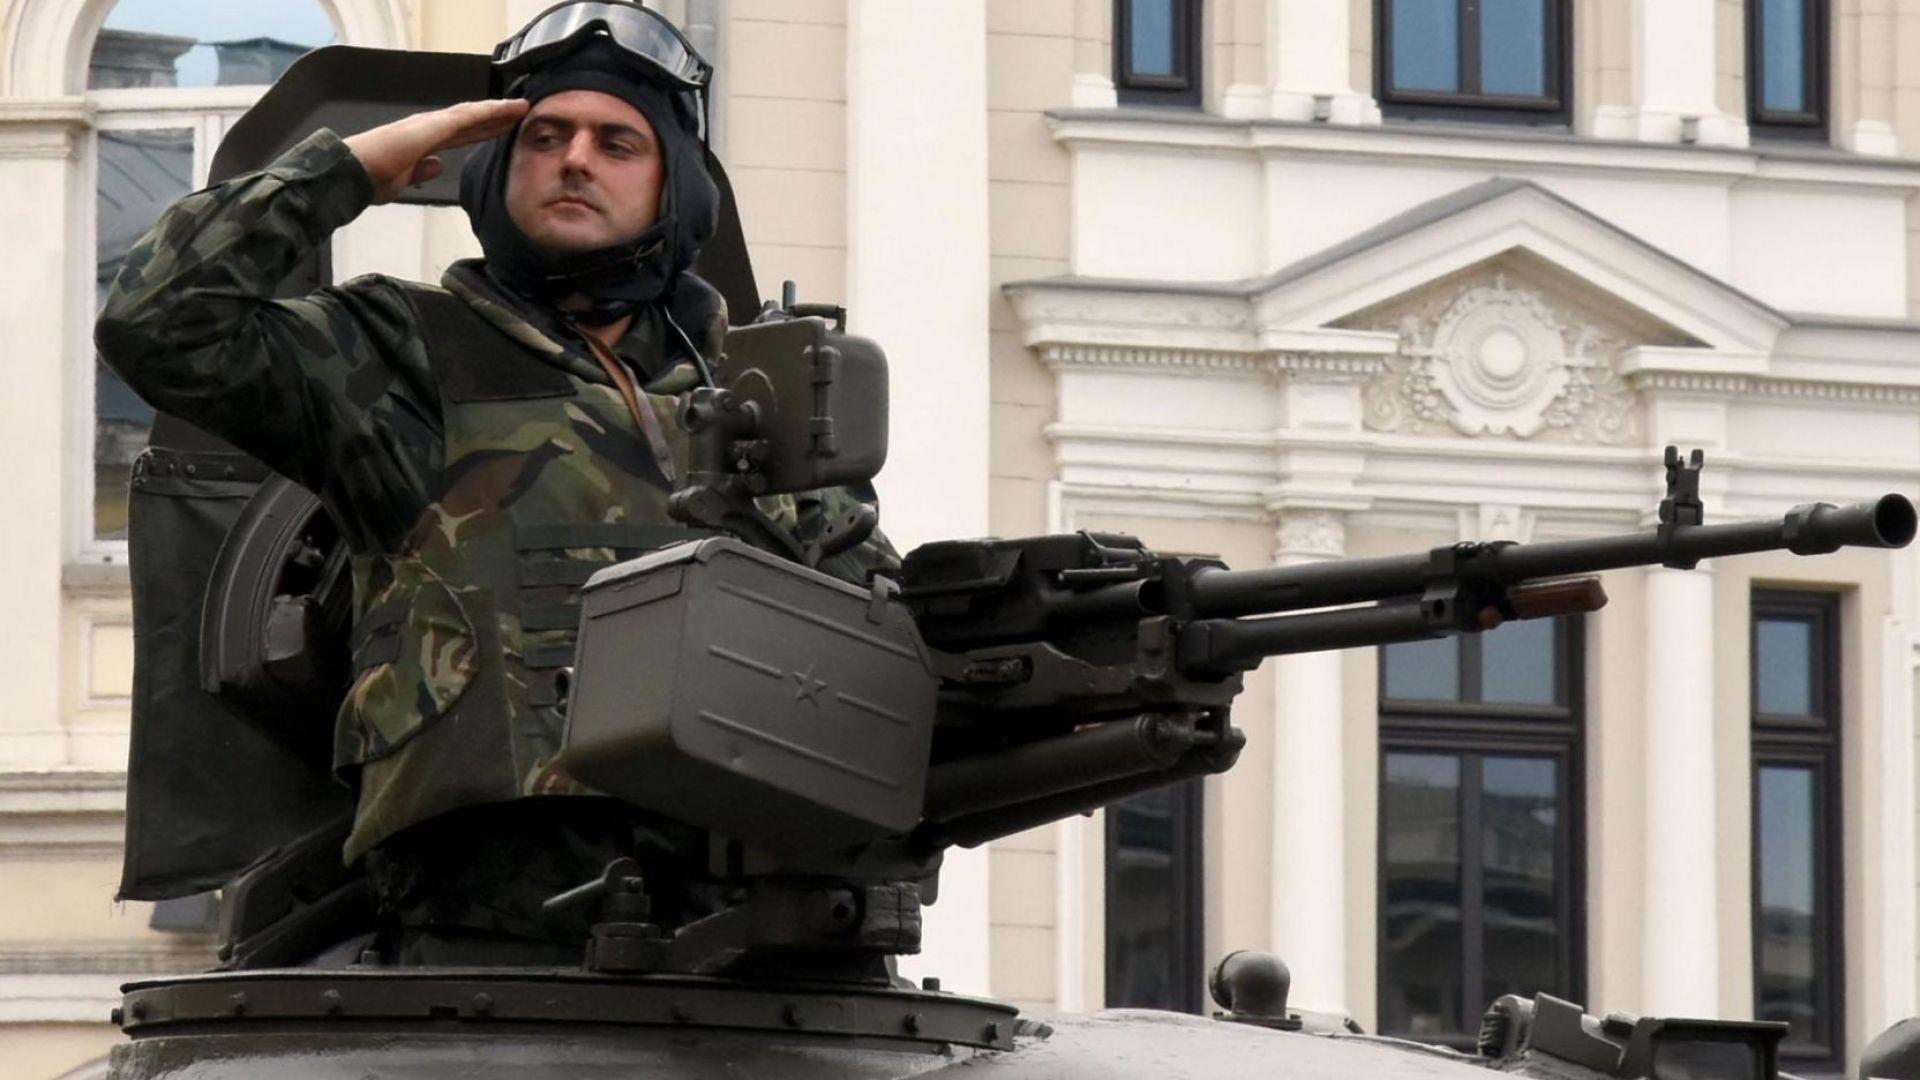 Доклад: Армията ни може да изпълнява задачите си по мисиите, но с ограничения